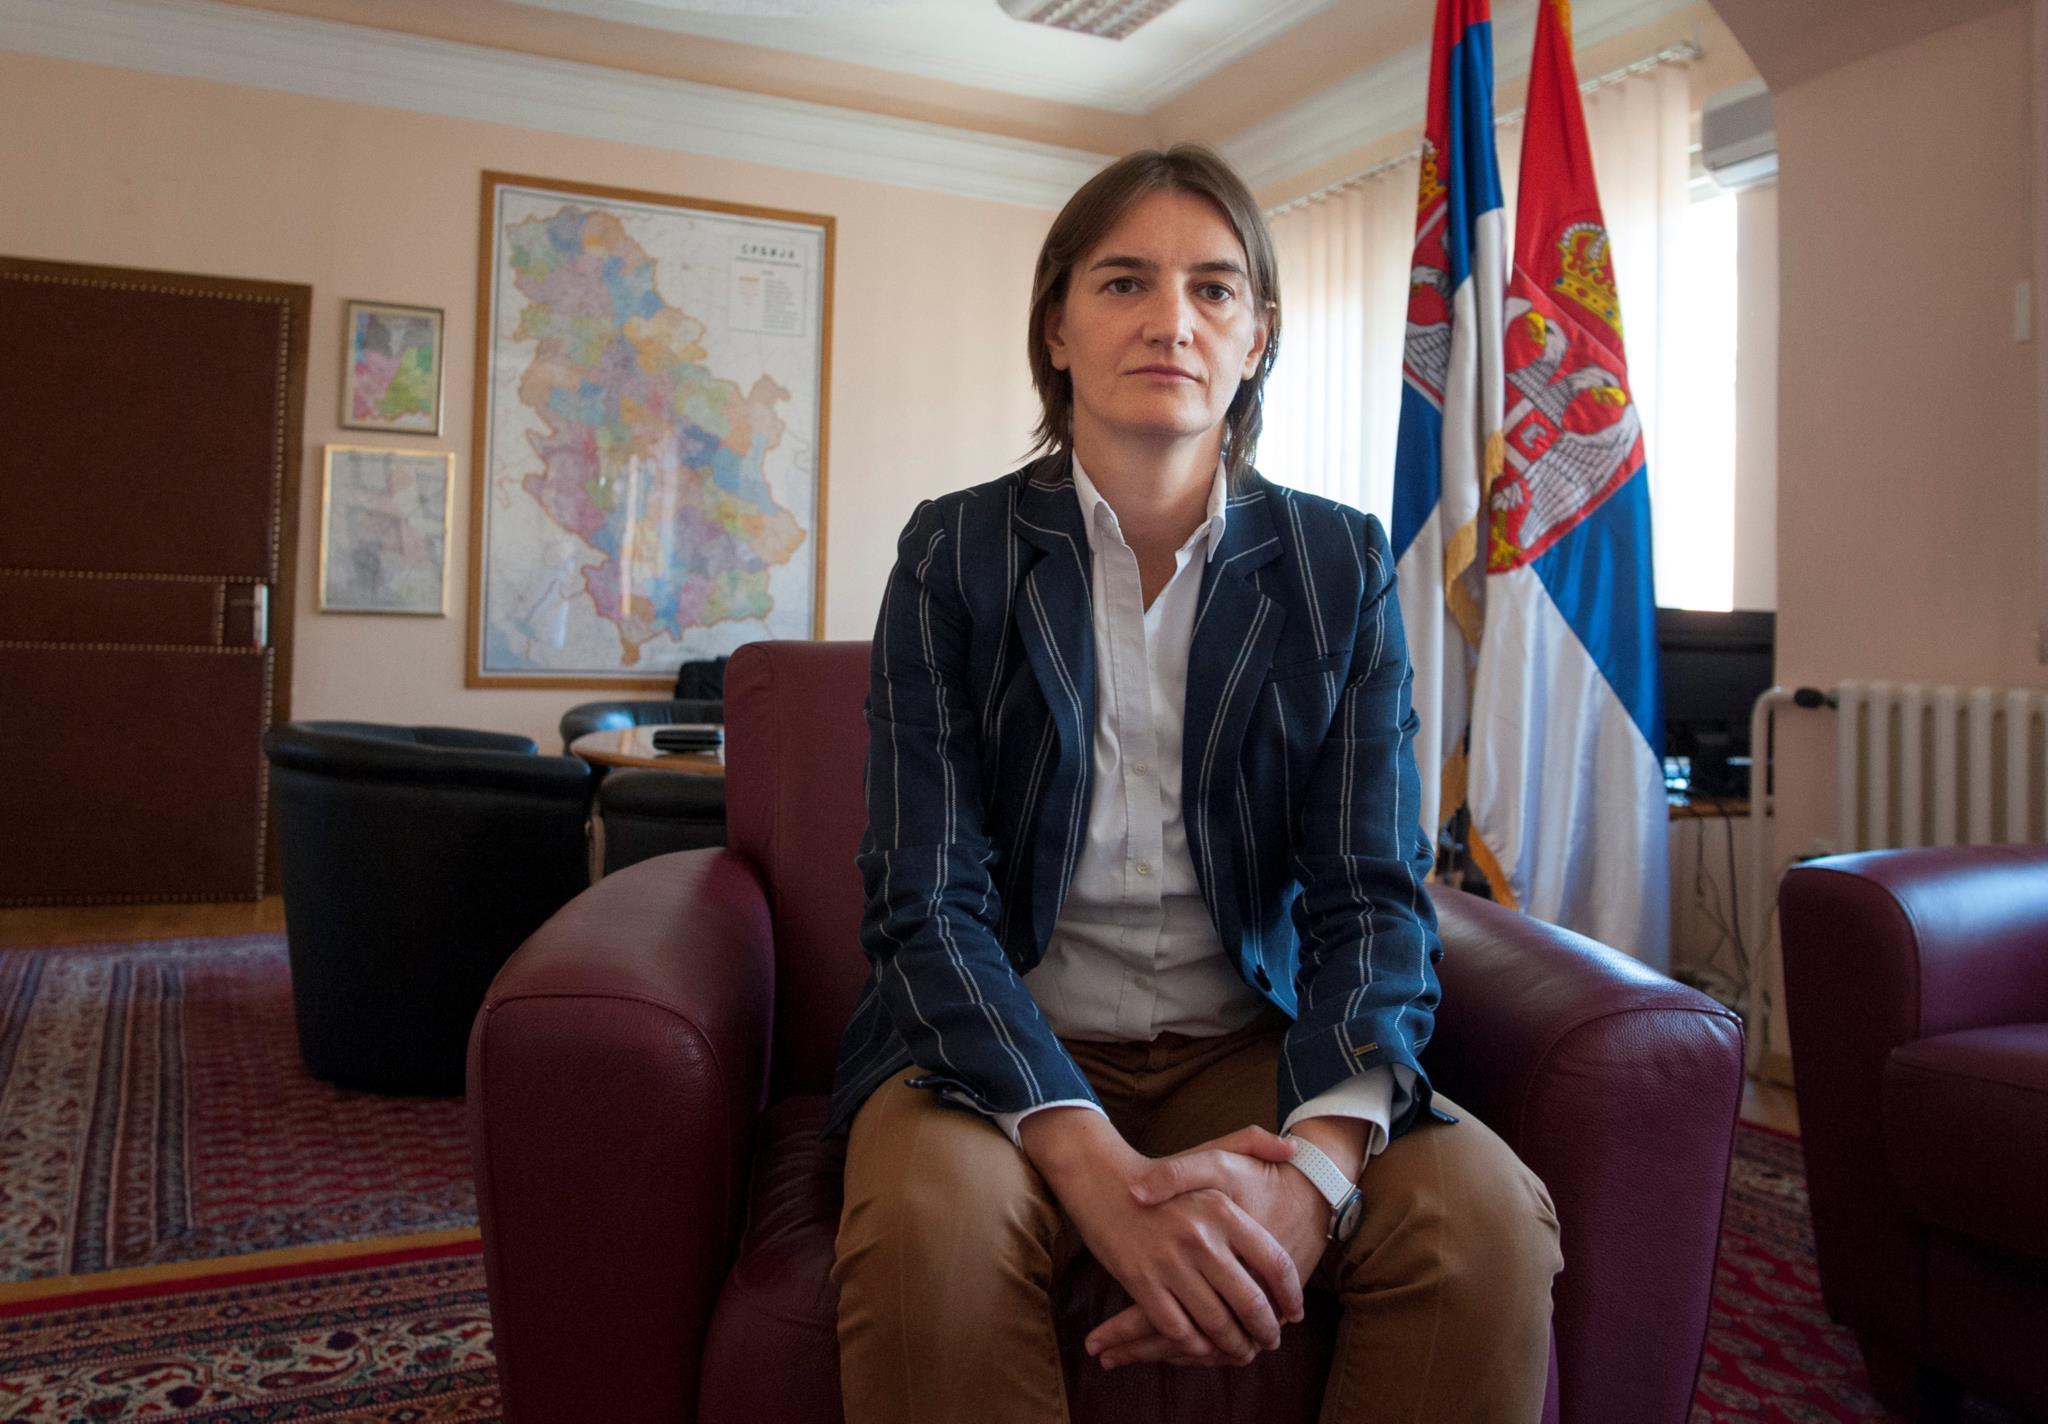 Ana Brnabic foi escolhida para ser primeira-ministra pelo Presidente sérvio